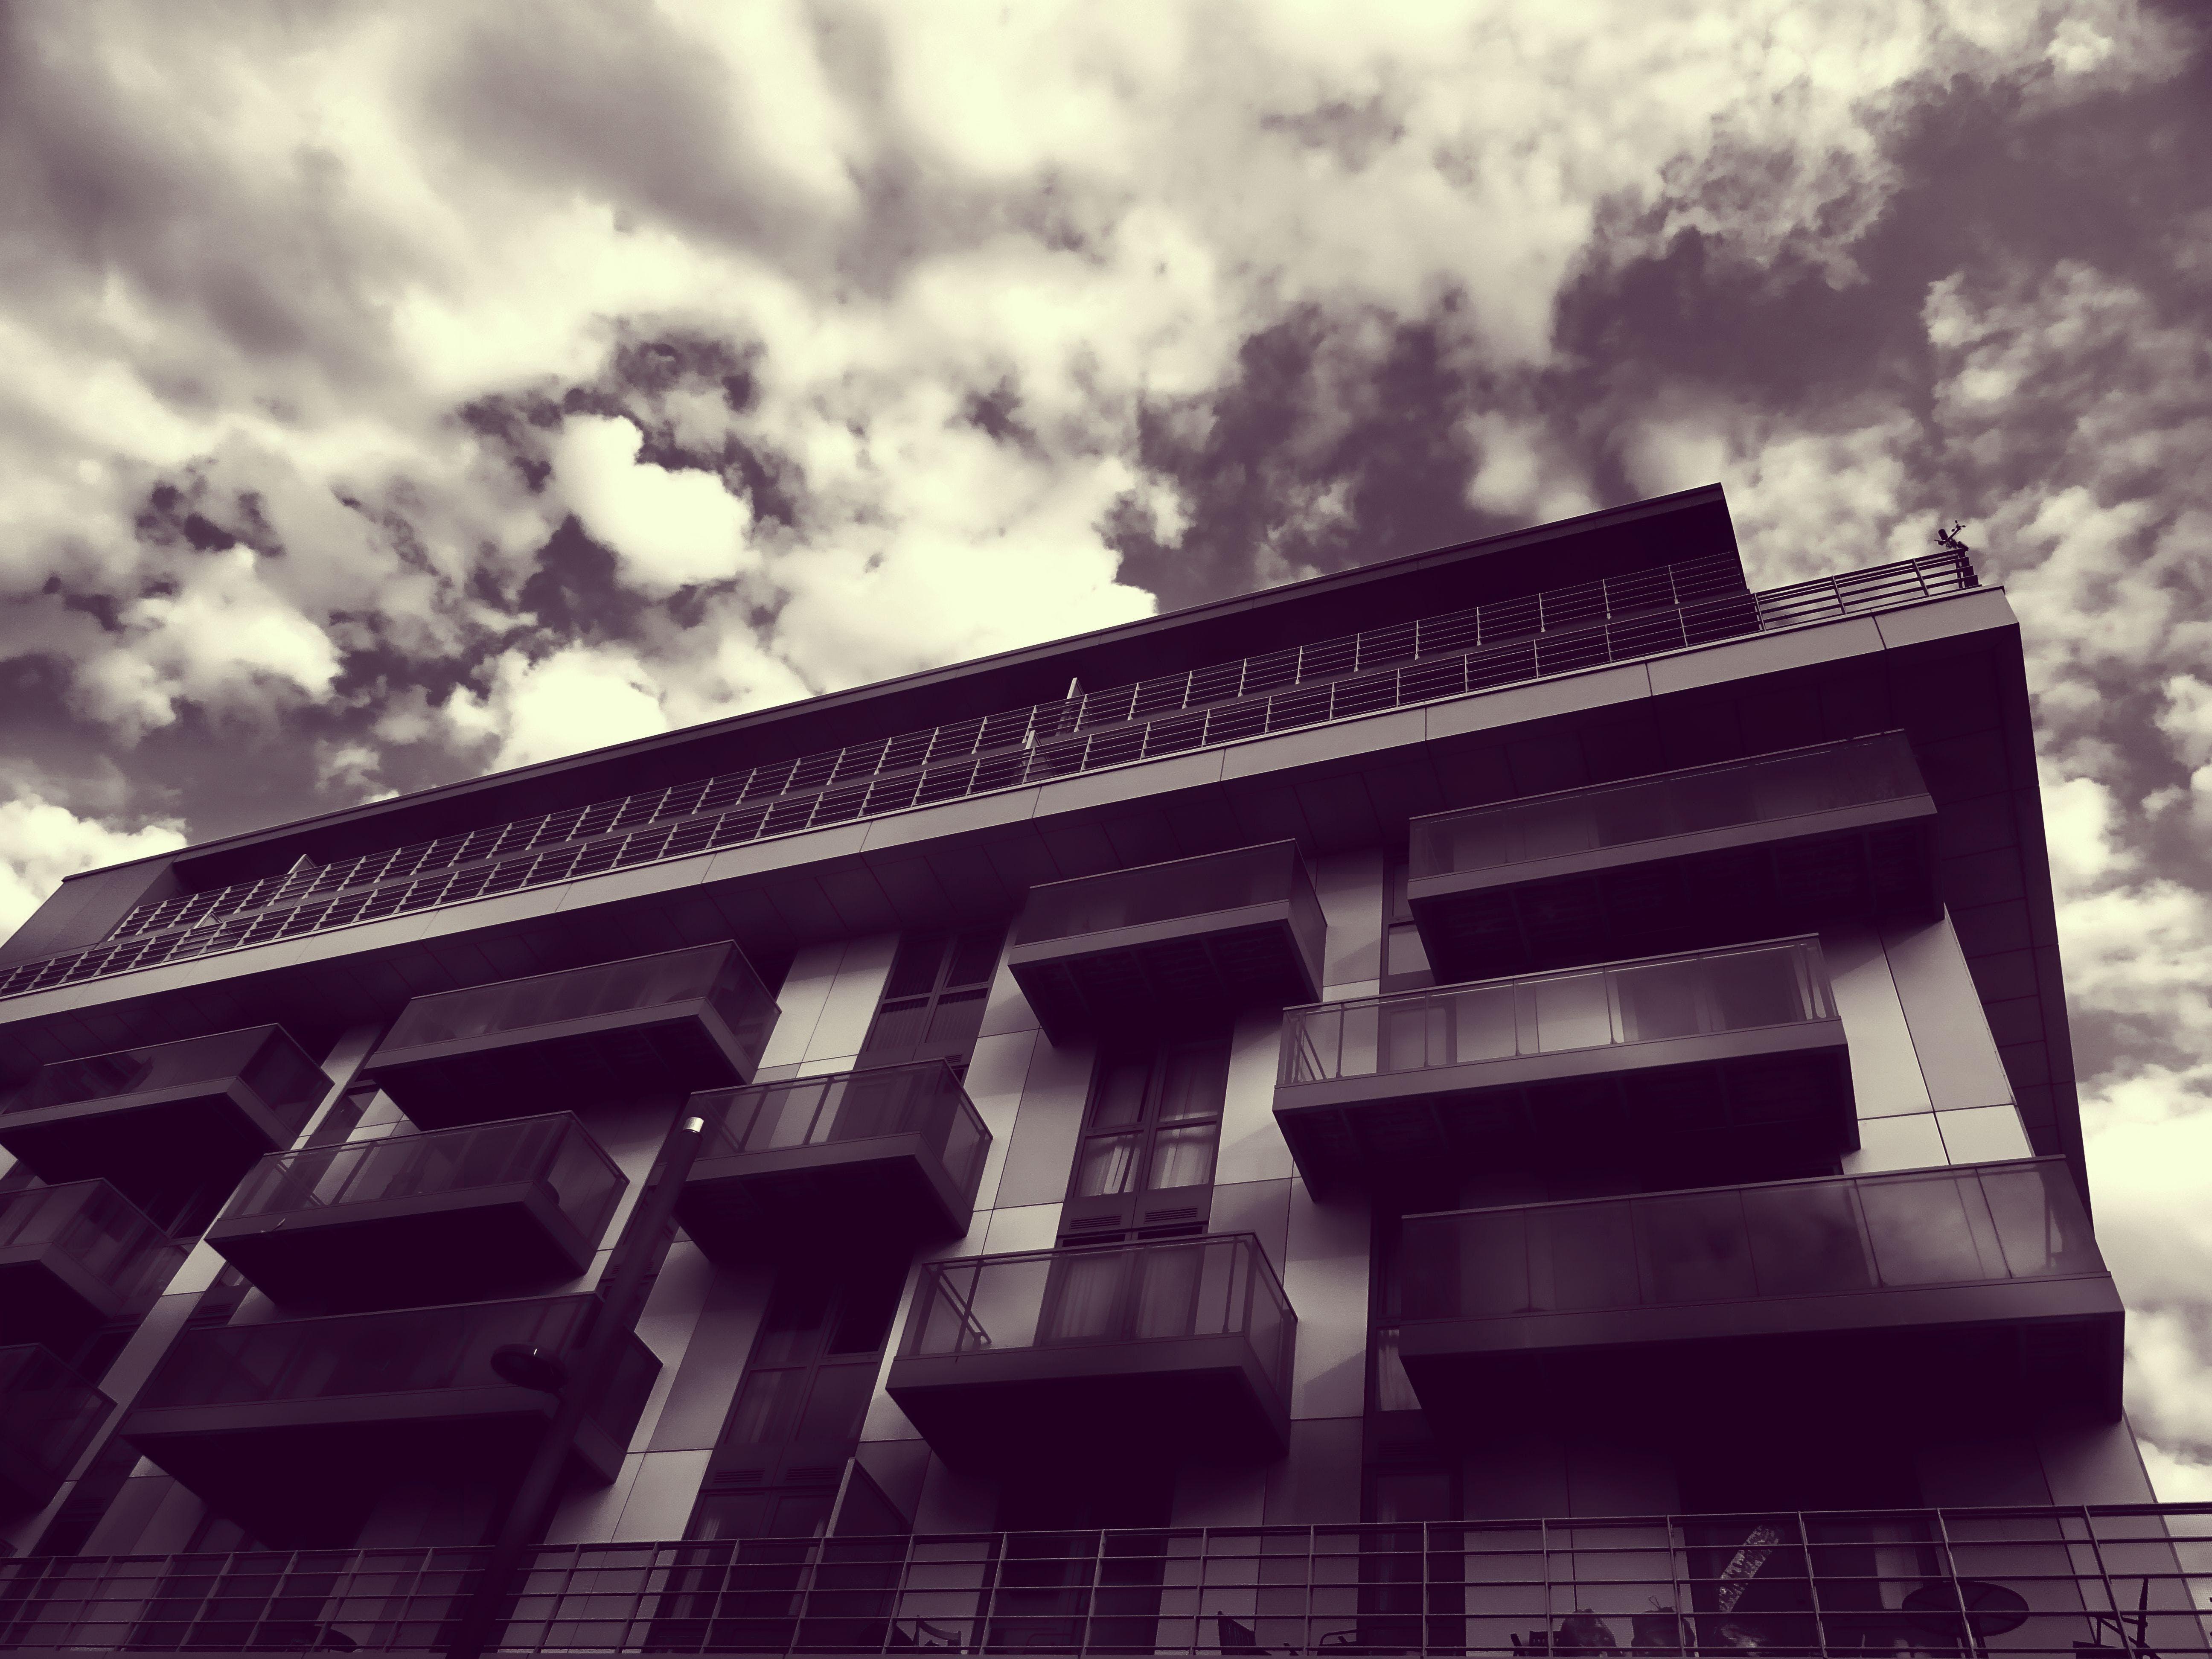 architectural design, architecture, balcony